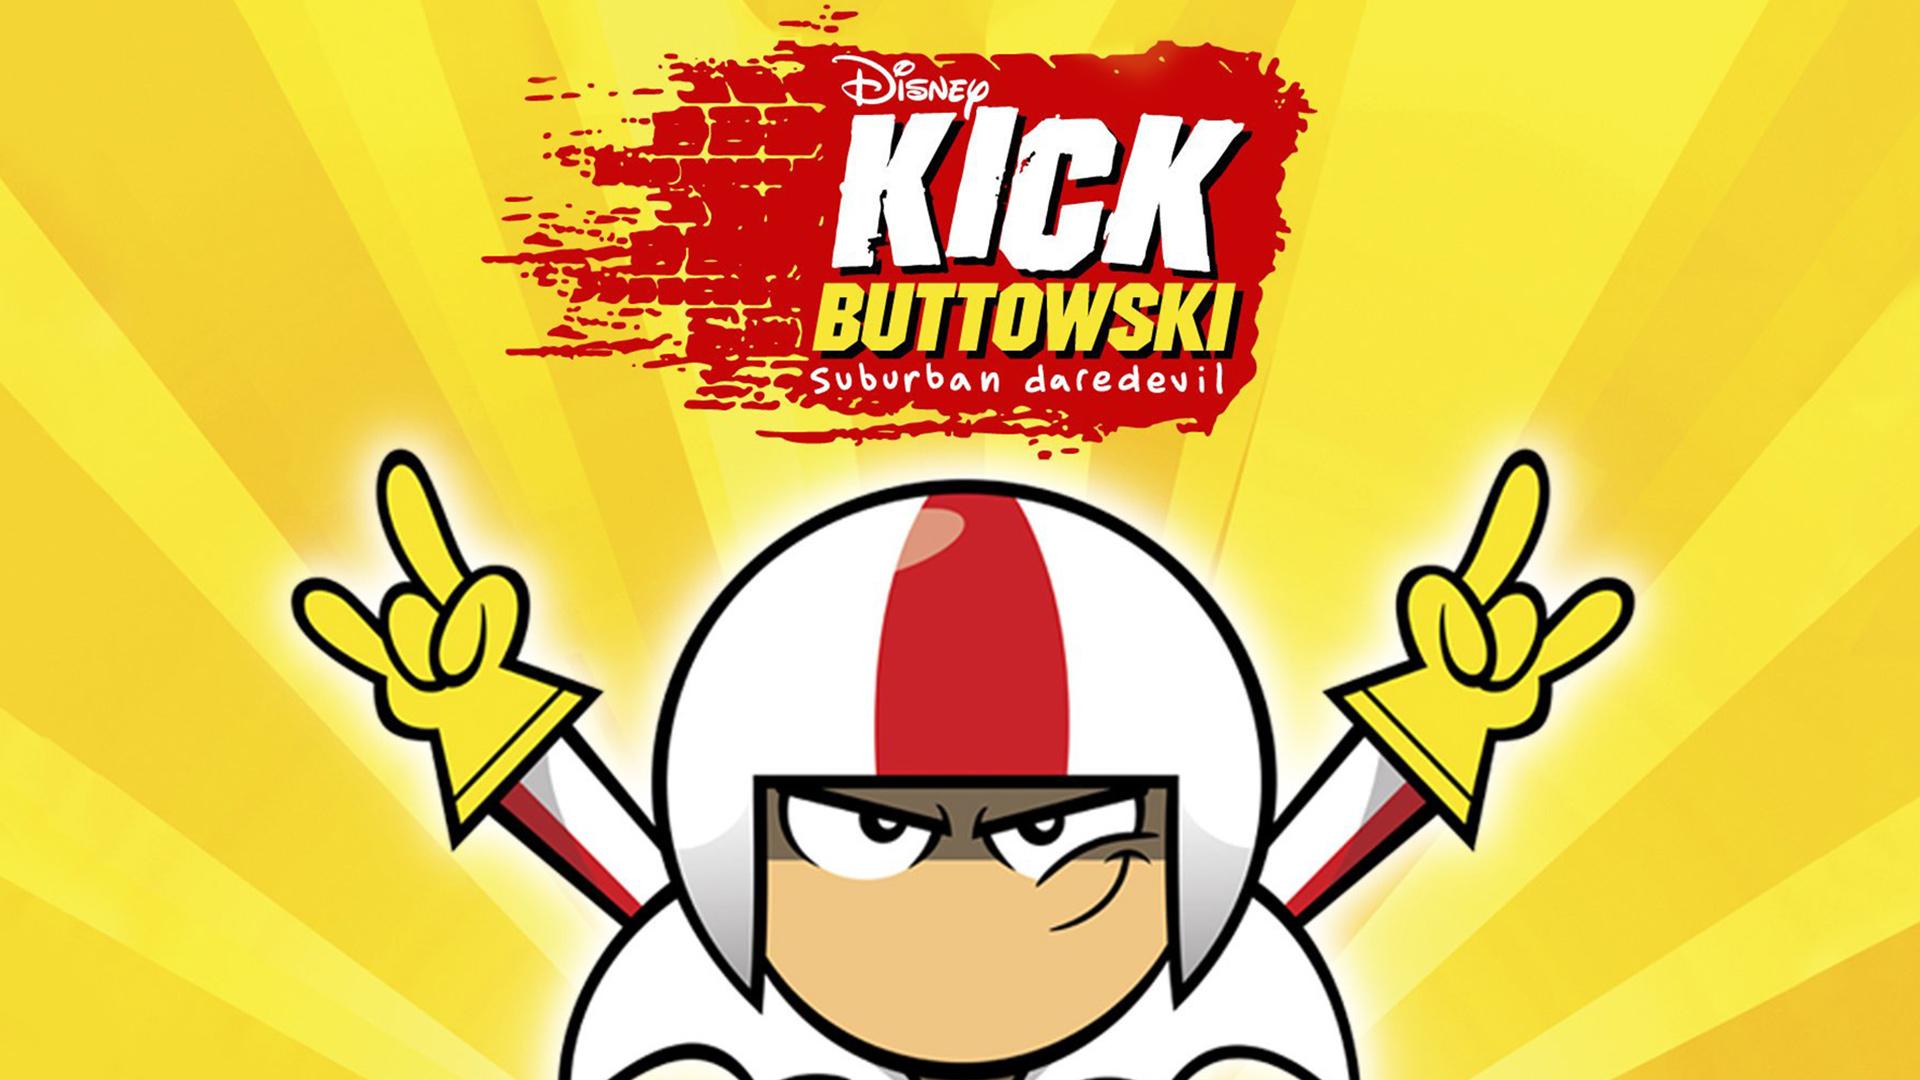 Kick Buttowski: Suburban Daredevil Volume 1